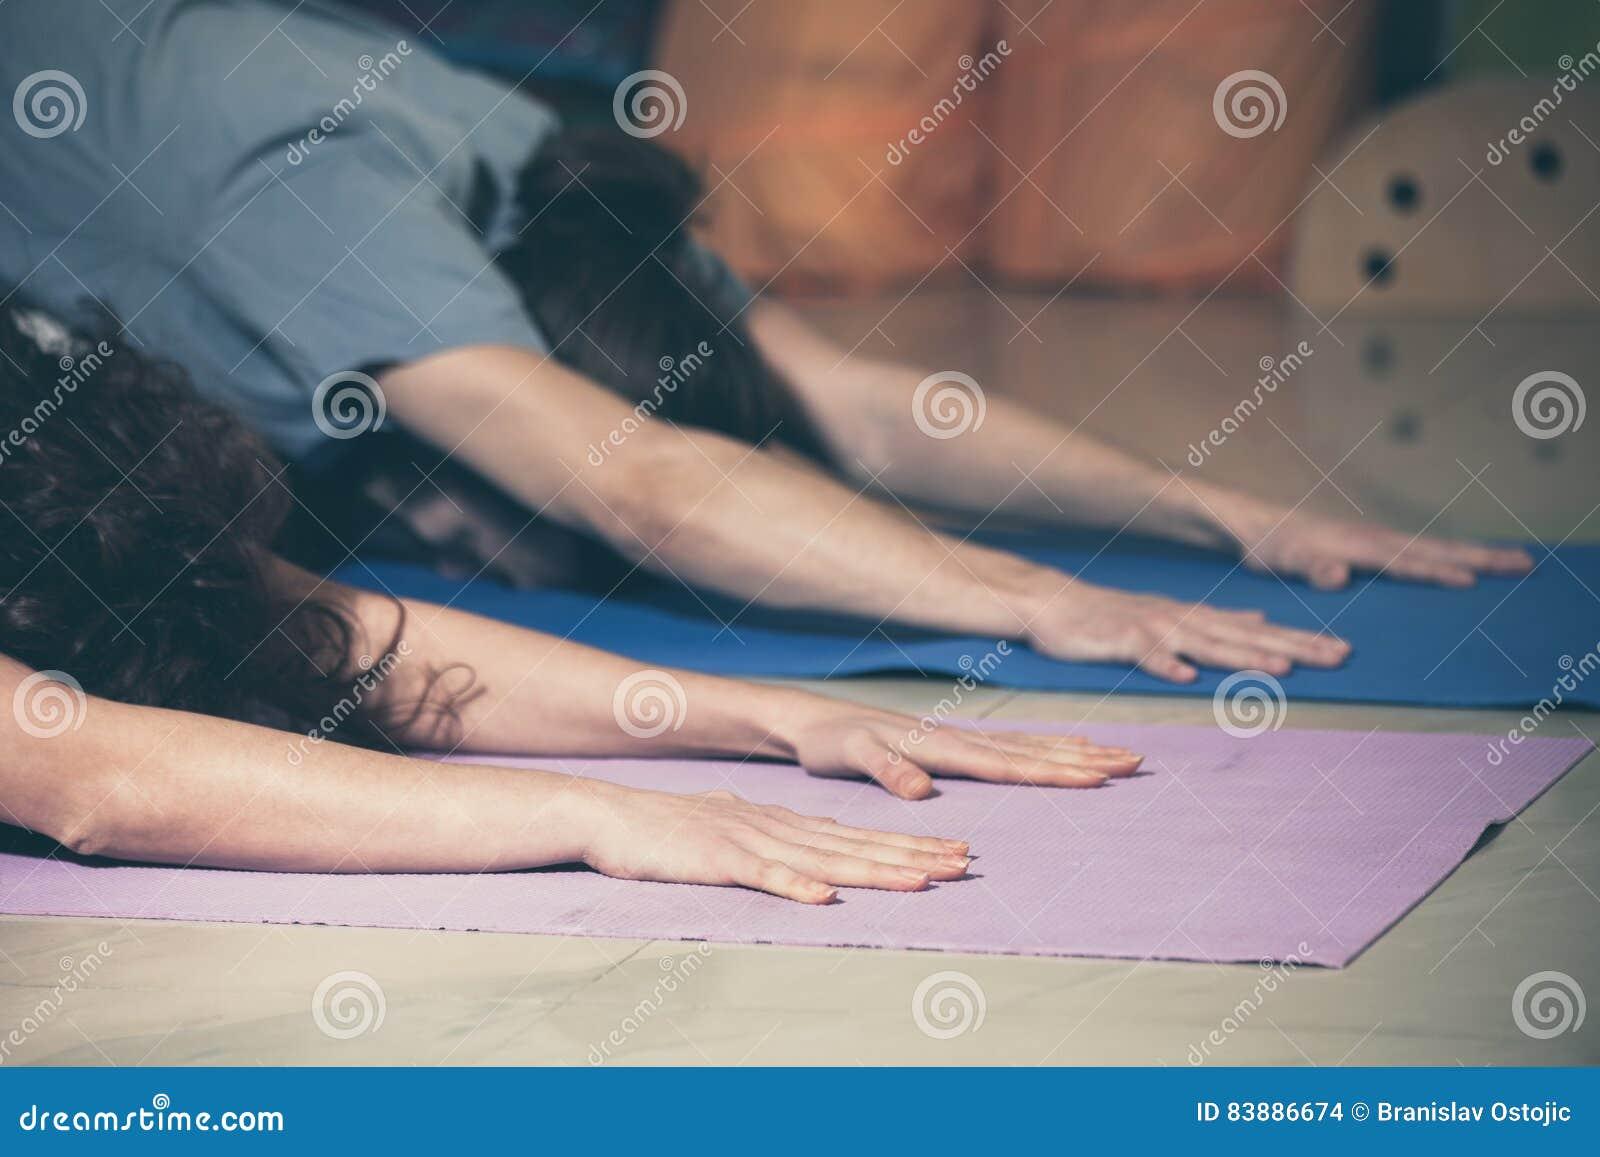 People On Yoga Class Indoor Stock Photo - Image of couple ...  People On Yoga ...